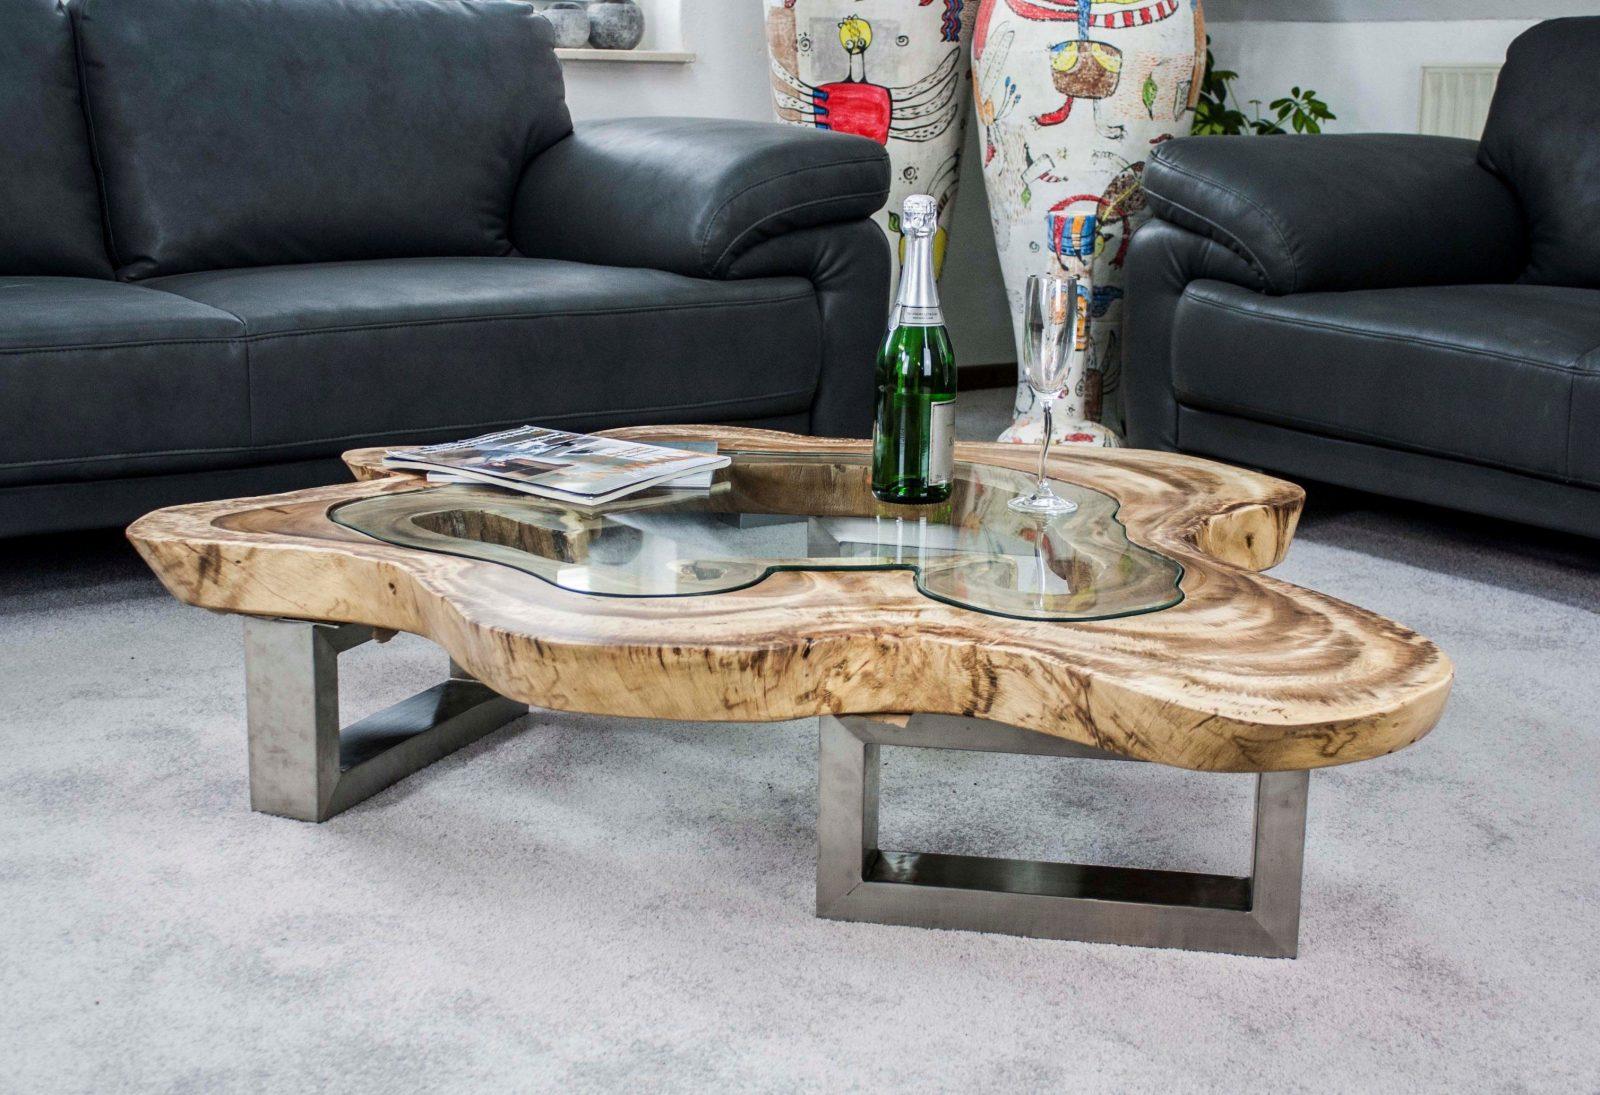 Couchtisch Ideen Stilvoll Couchtisch Baumscheibe Beliebt von Tisch Baumscheibe Selber Bauen Photo